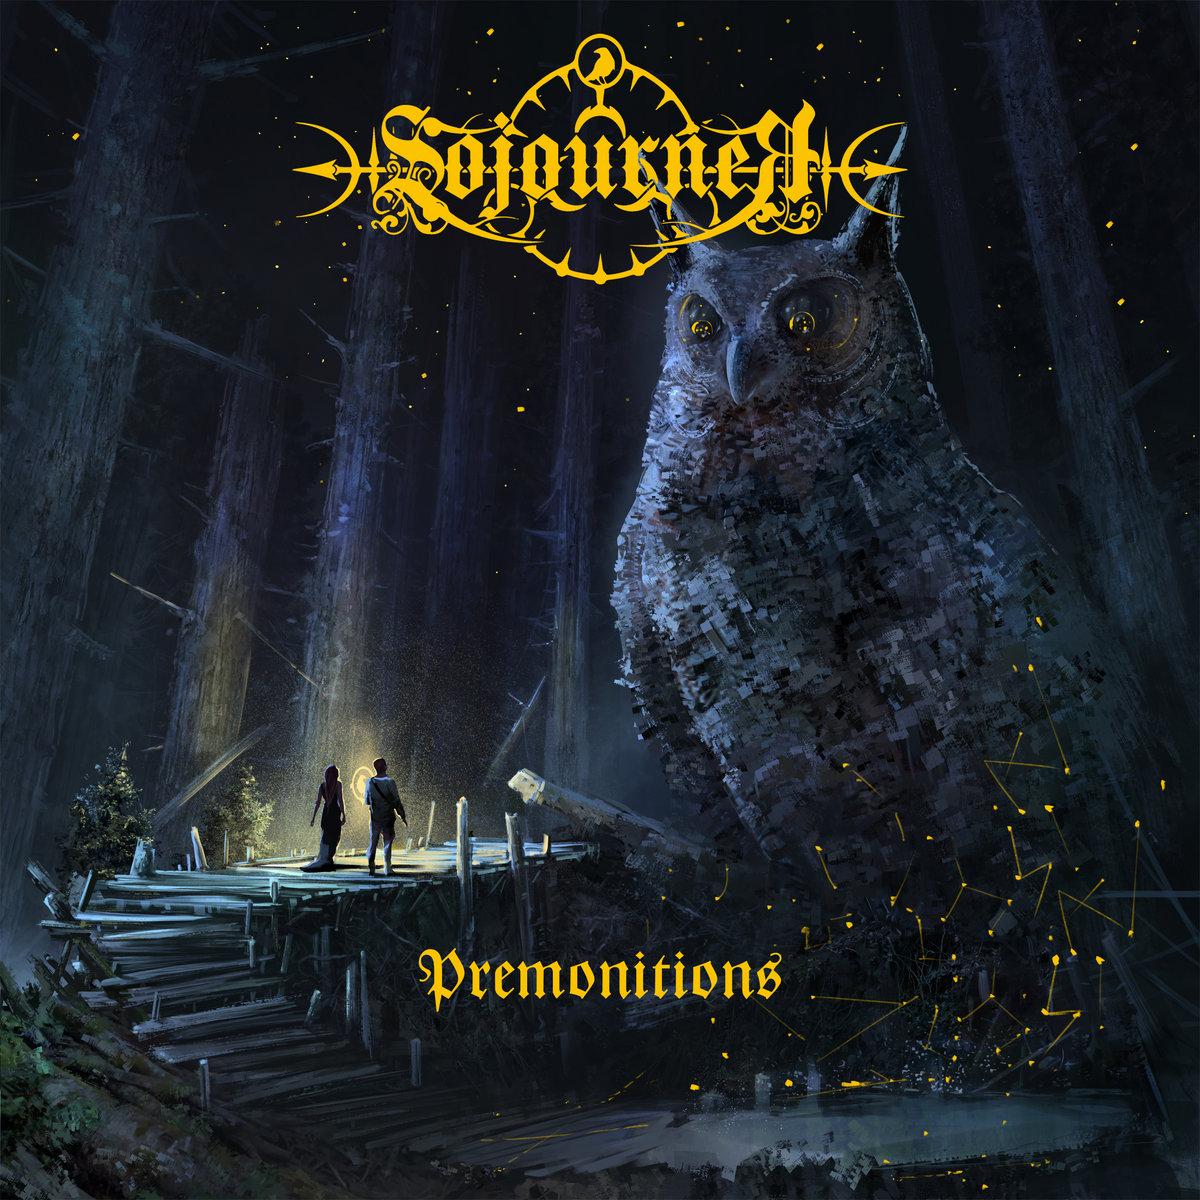 Sojourner: Premonitions